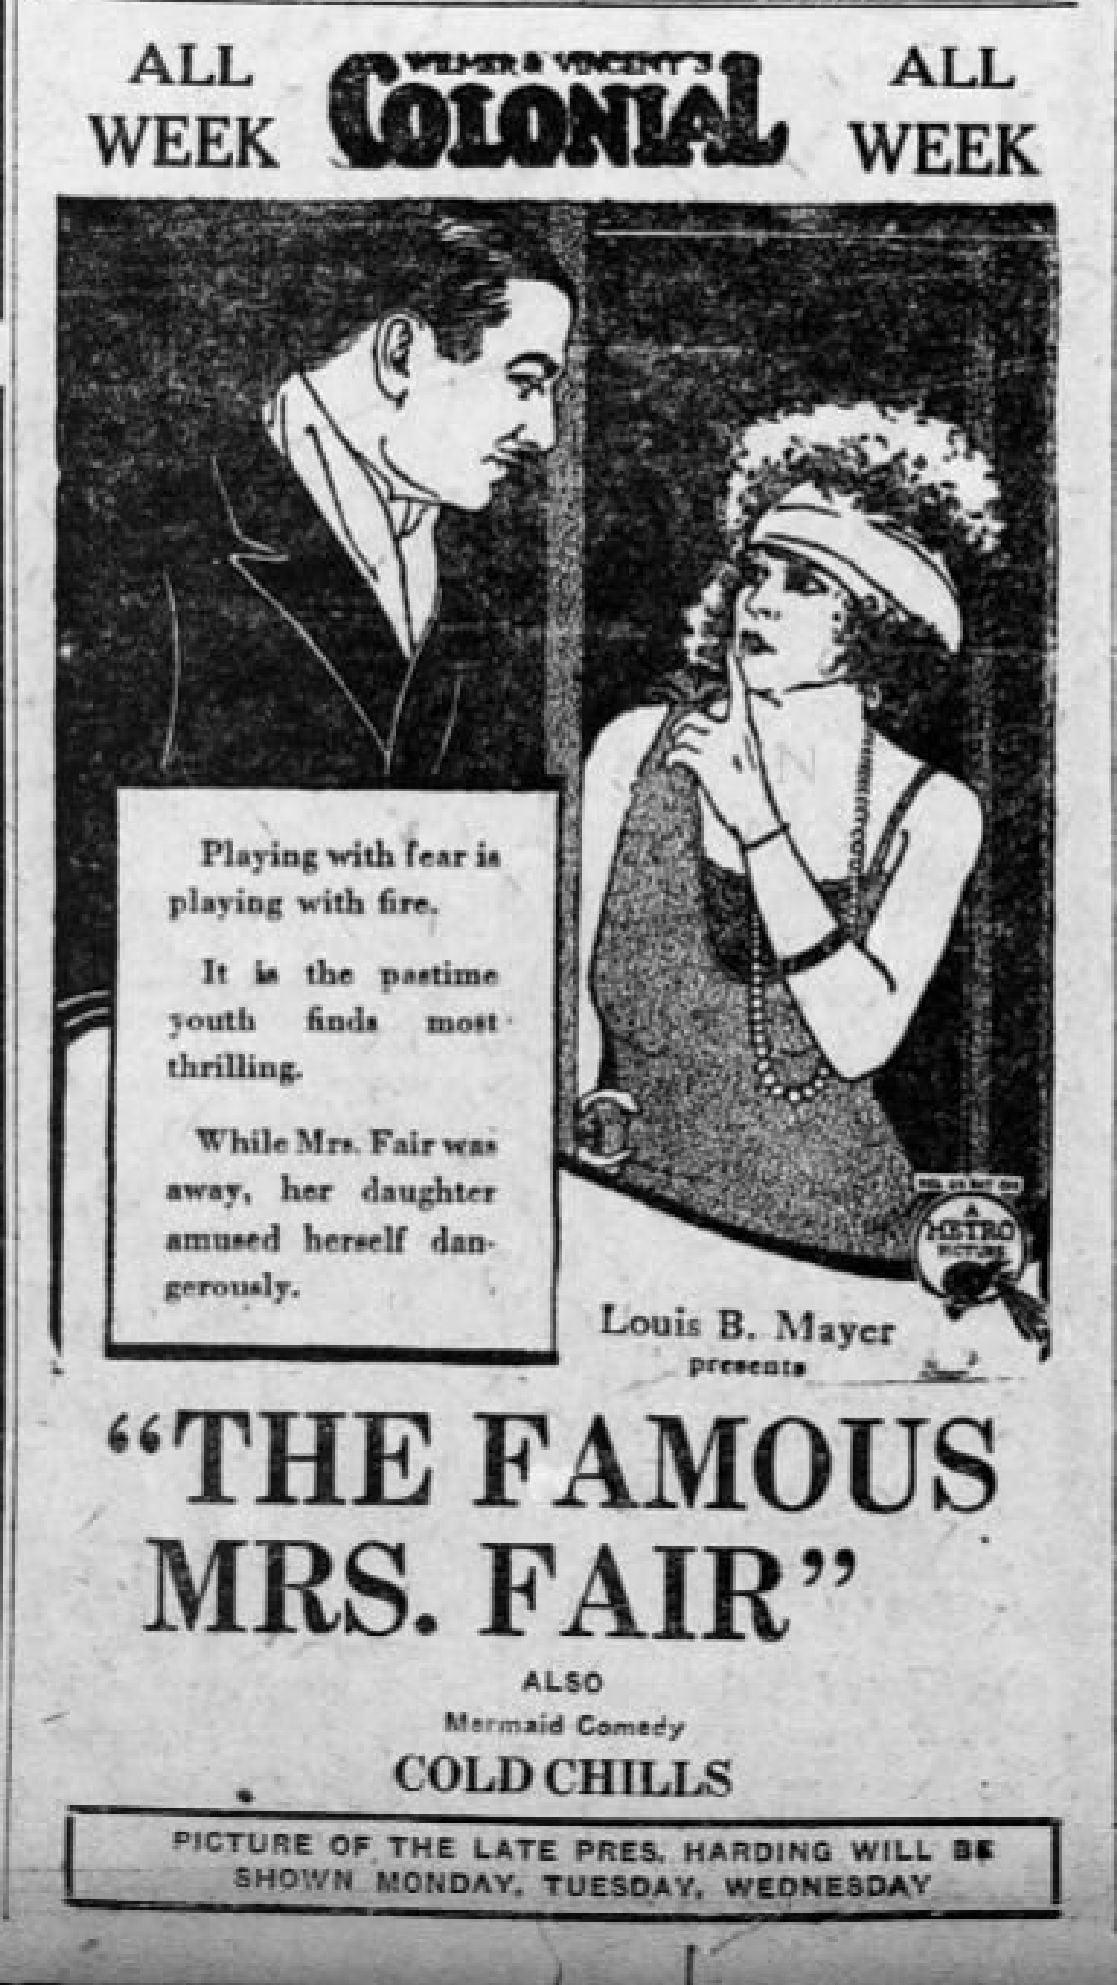 The Famous Mrs. Fair